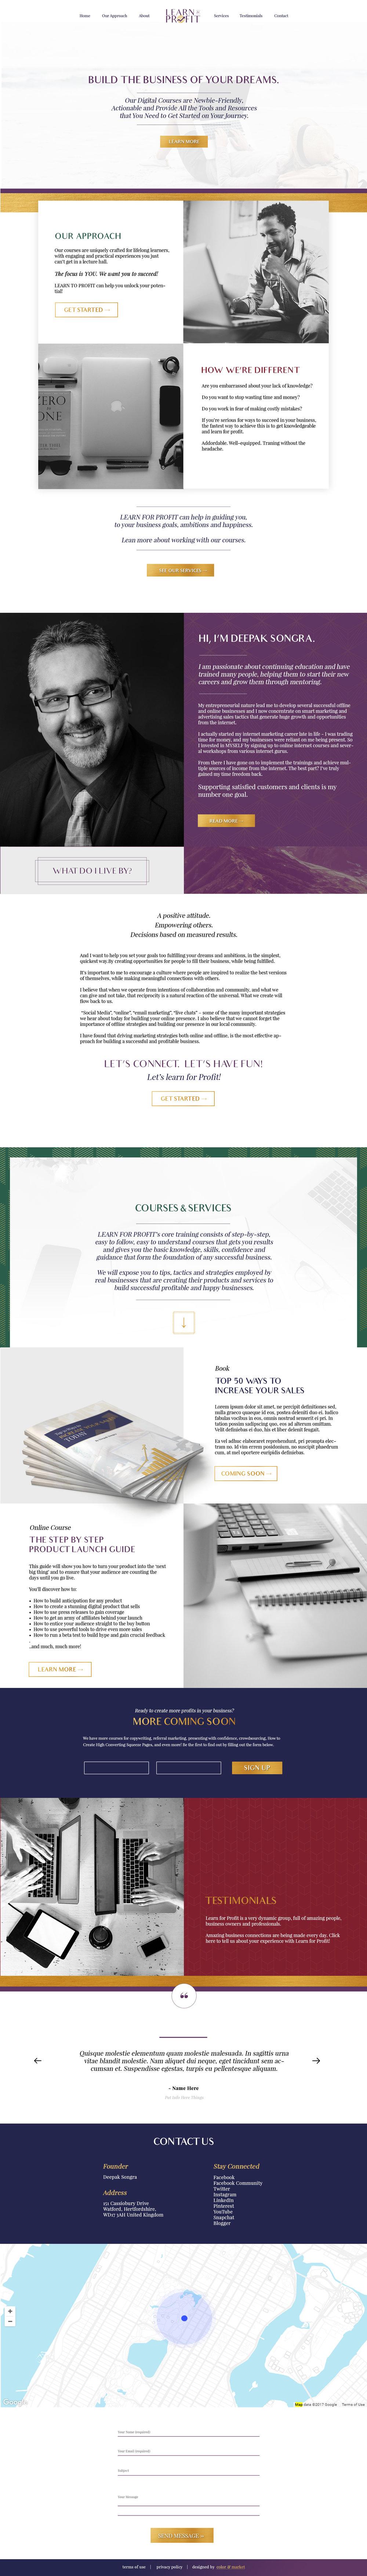 LearnforProfit_sitedesign_V2.jpg